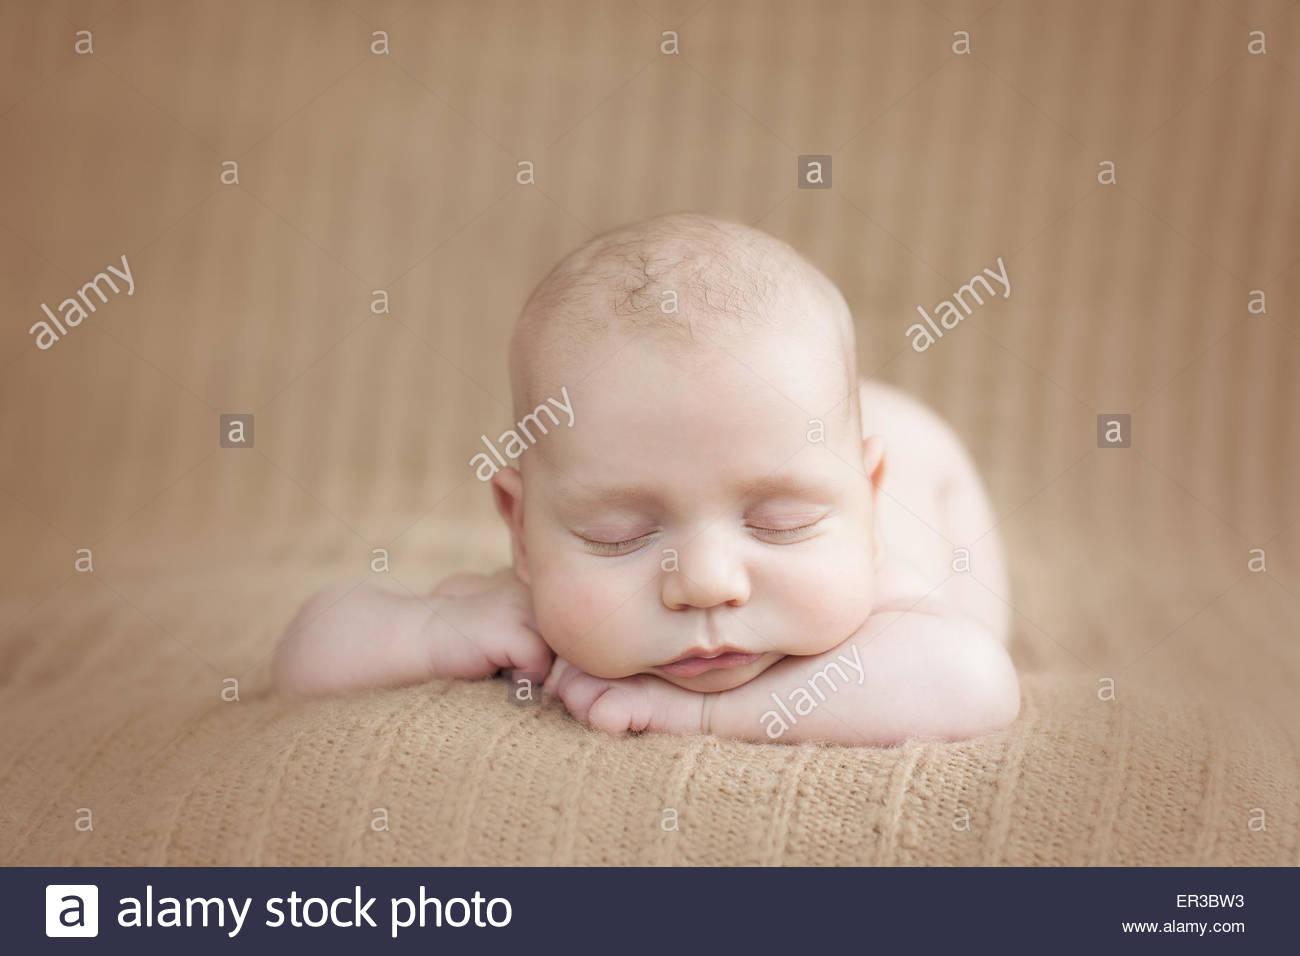 Vista frontal de un bebé durmiendo en una manta suave Imagen De Stock